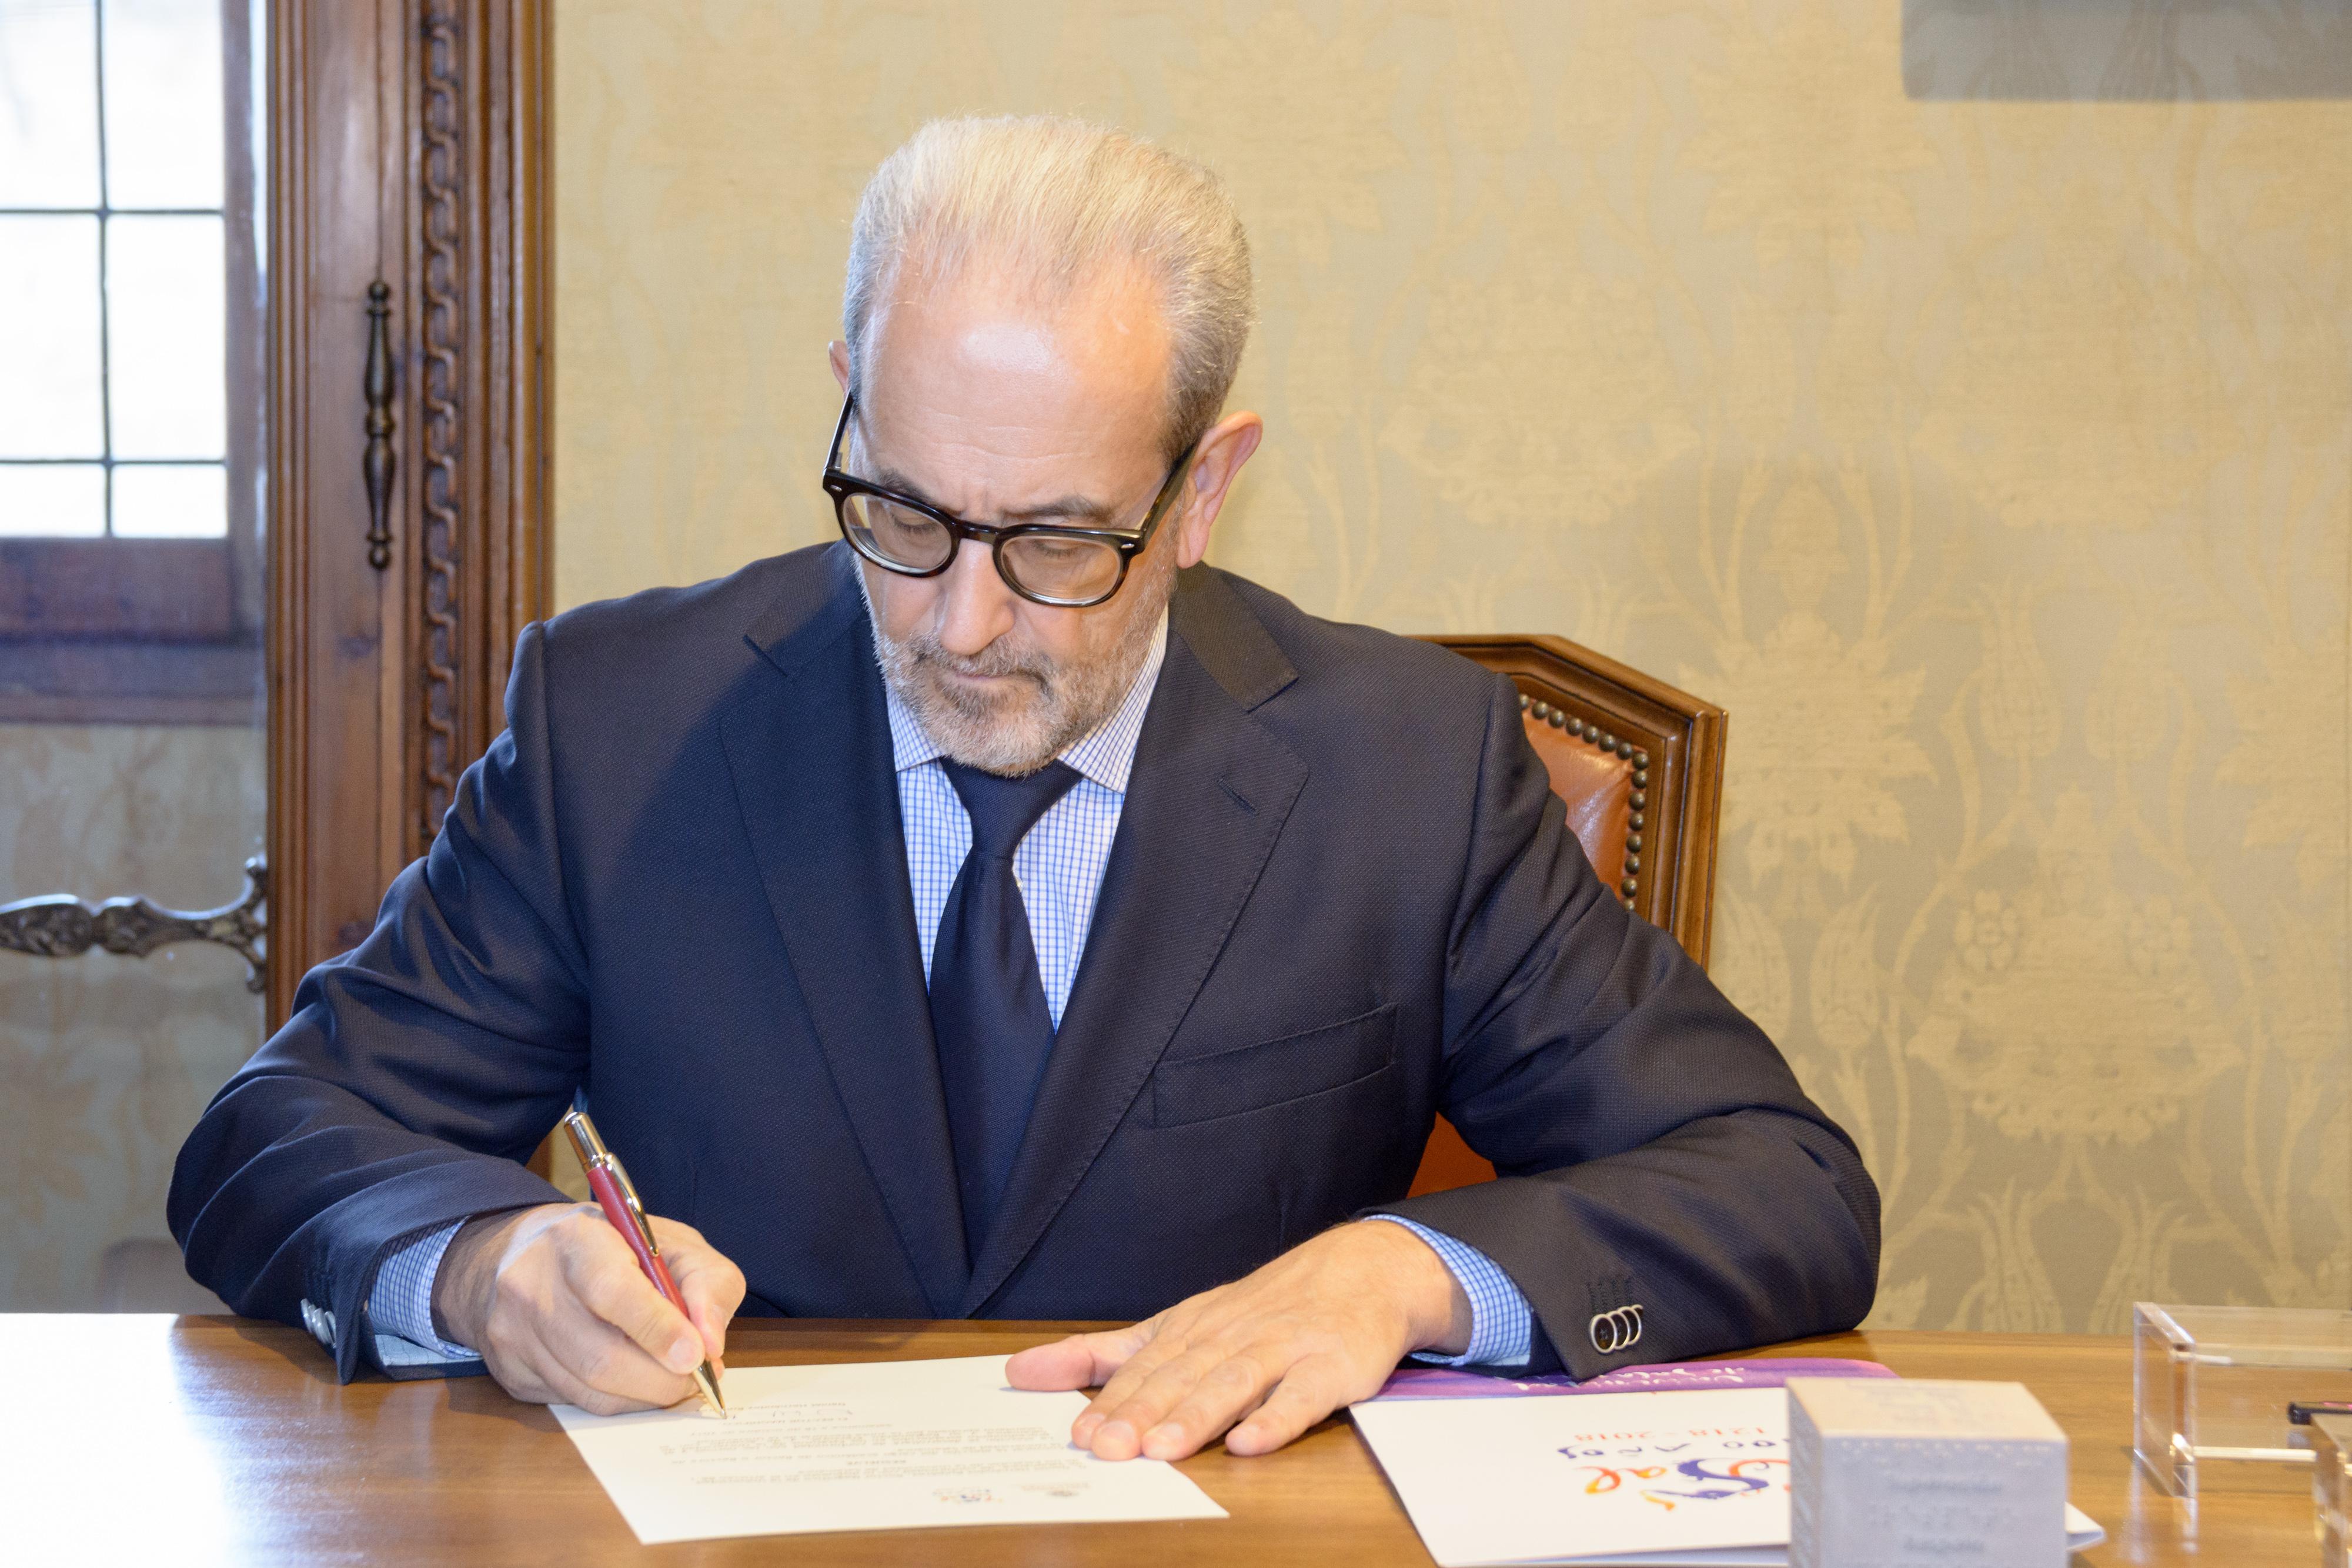 El rector Daniel Hernández Ruipérez convoca elecciones al Rectorado de la Universidad de Salamanca